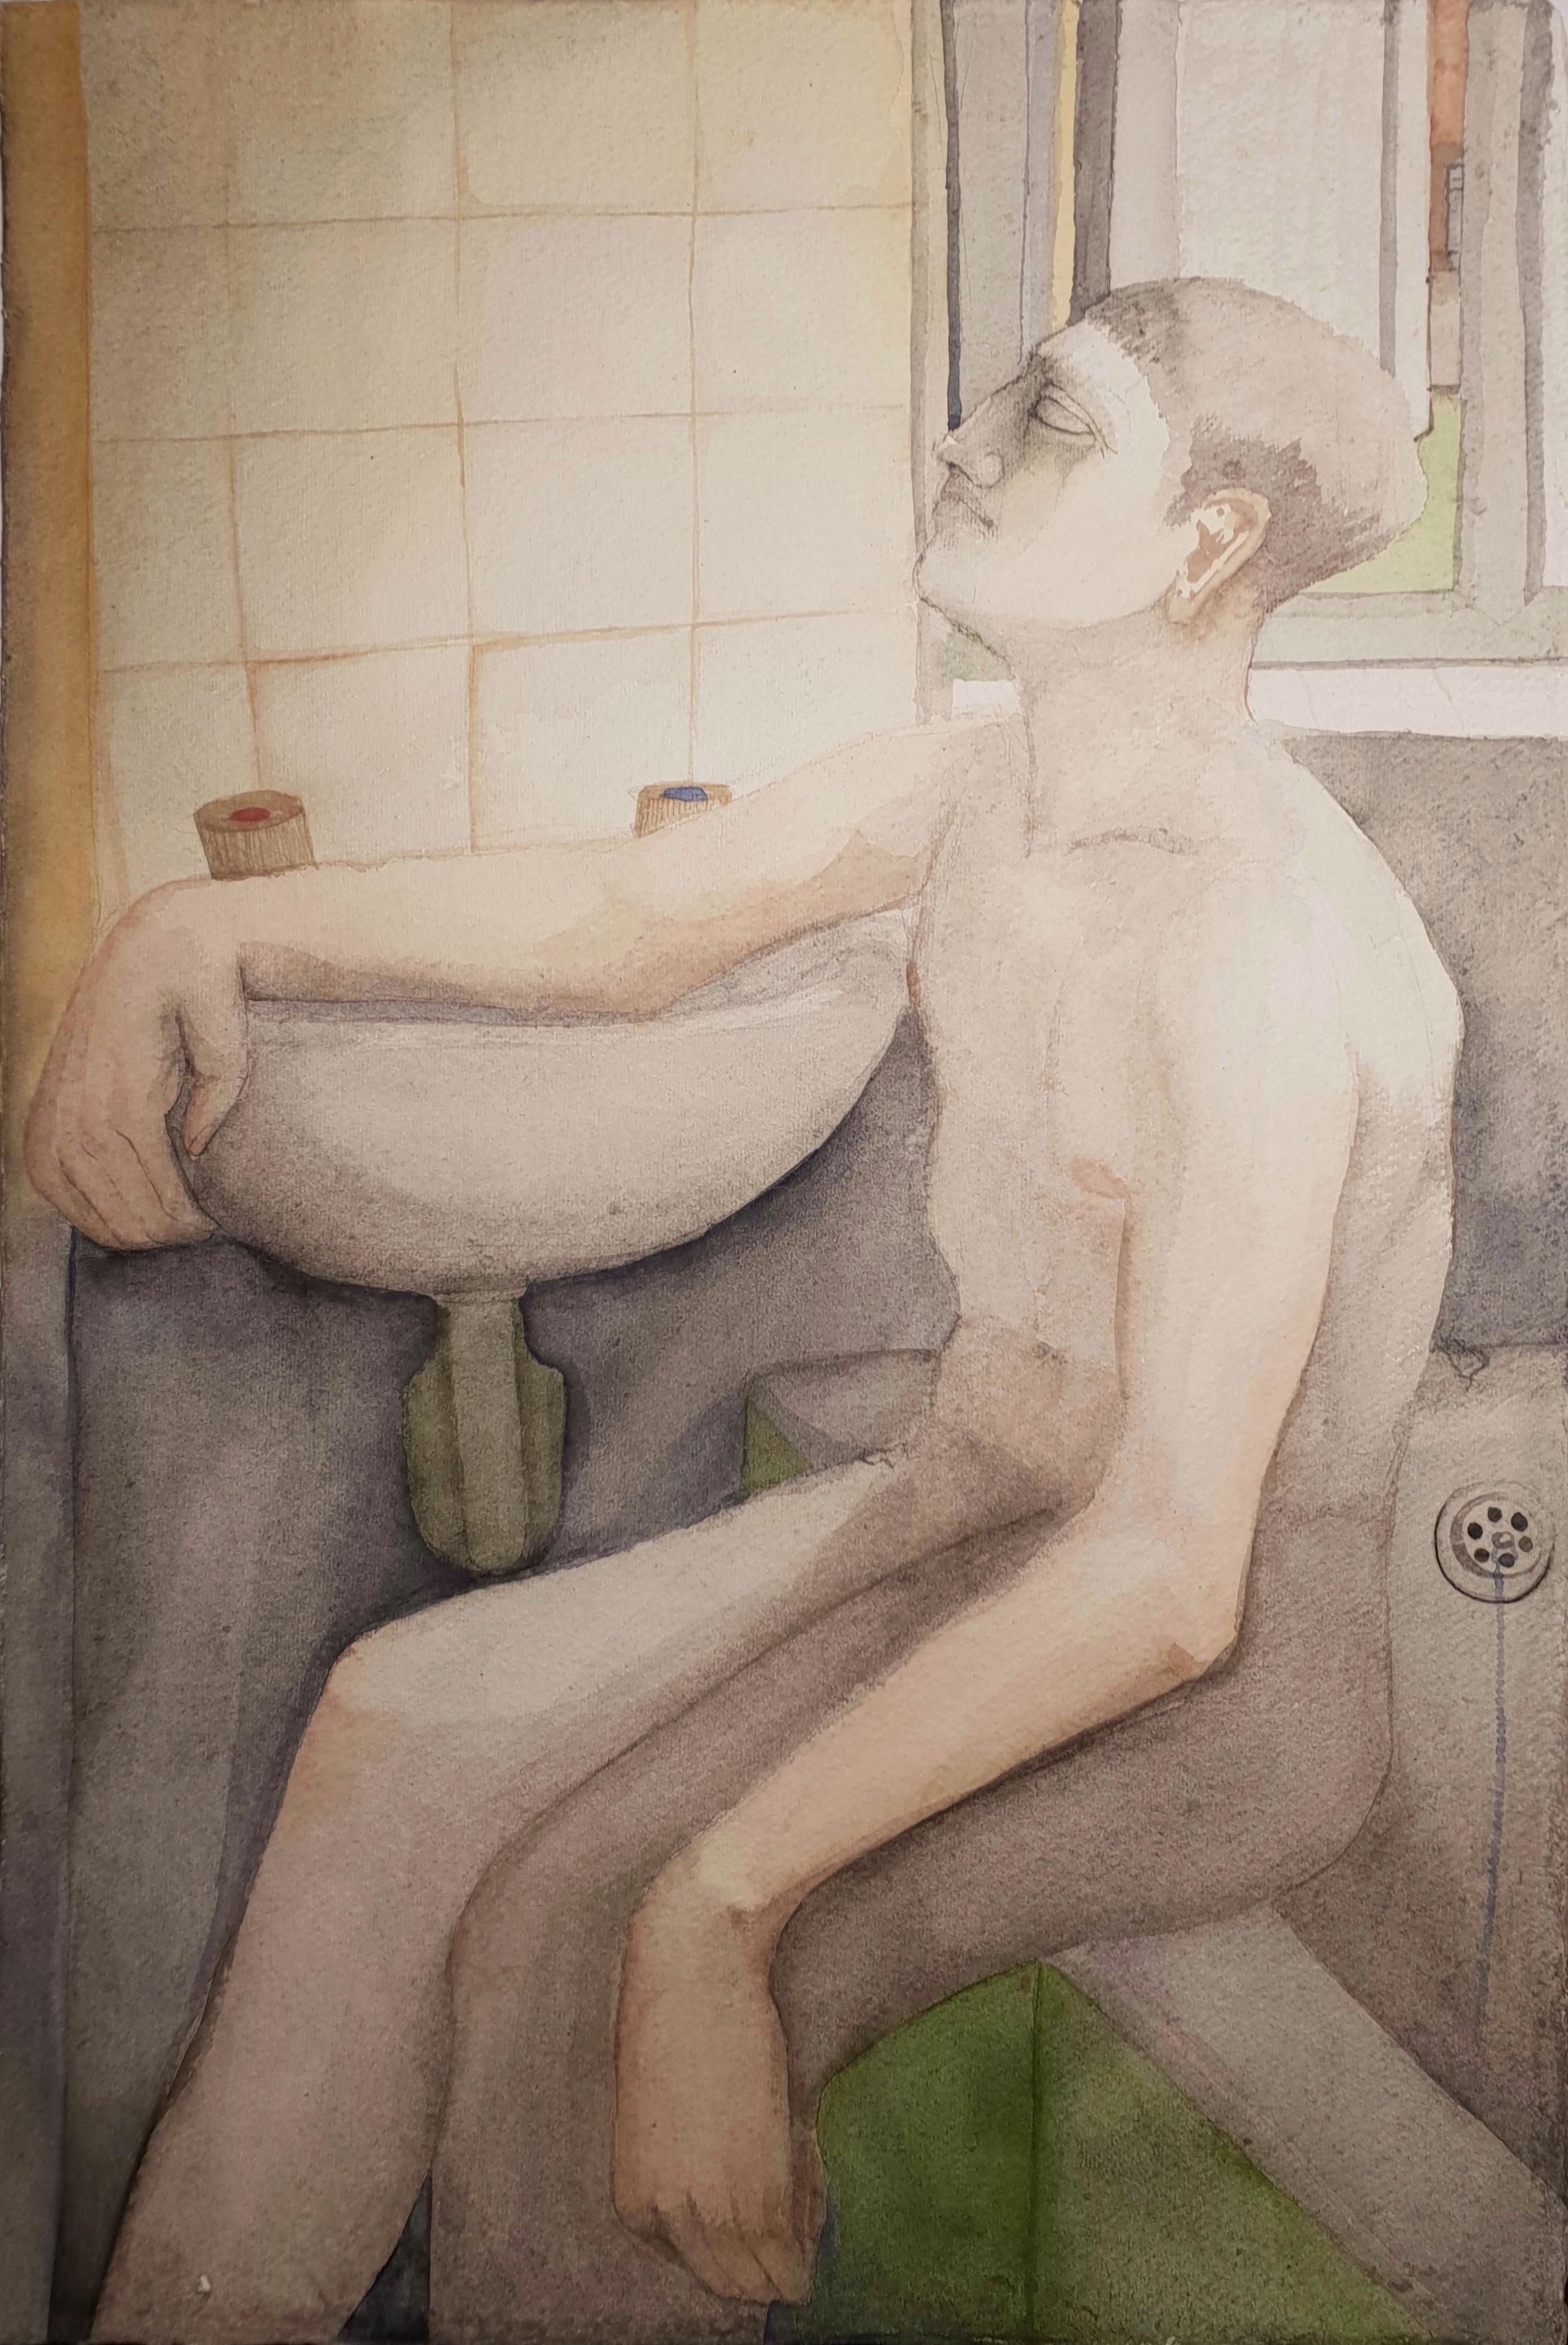 Boy on bath, 2018